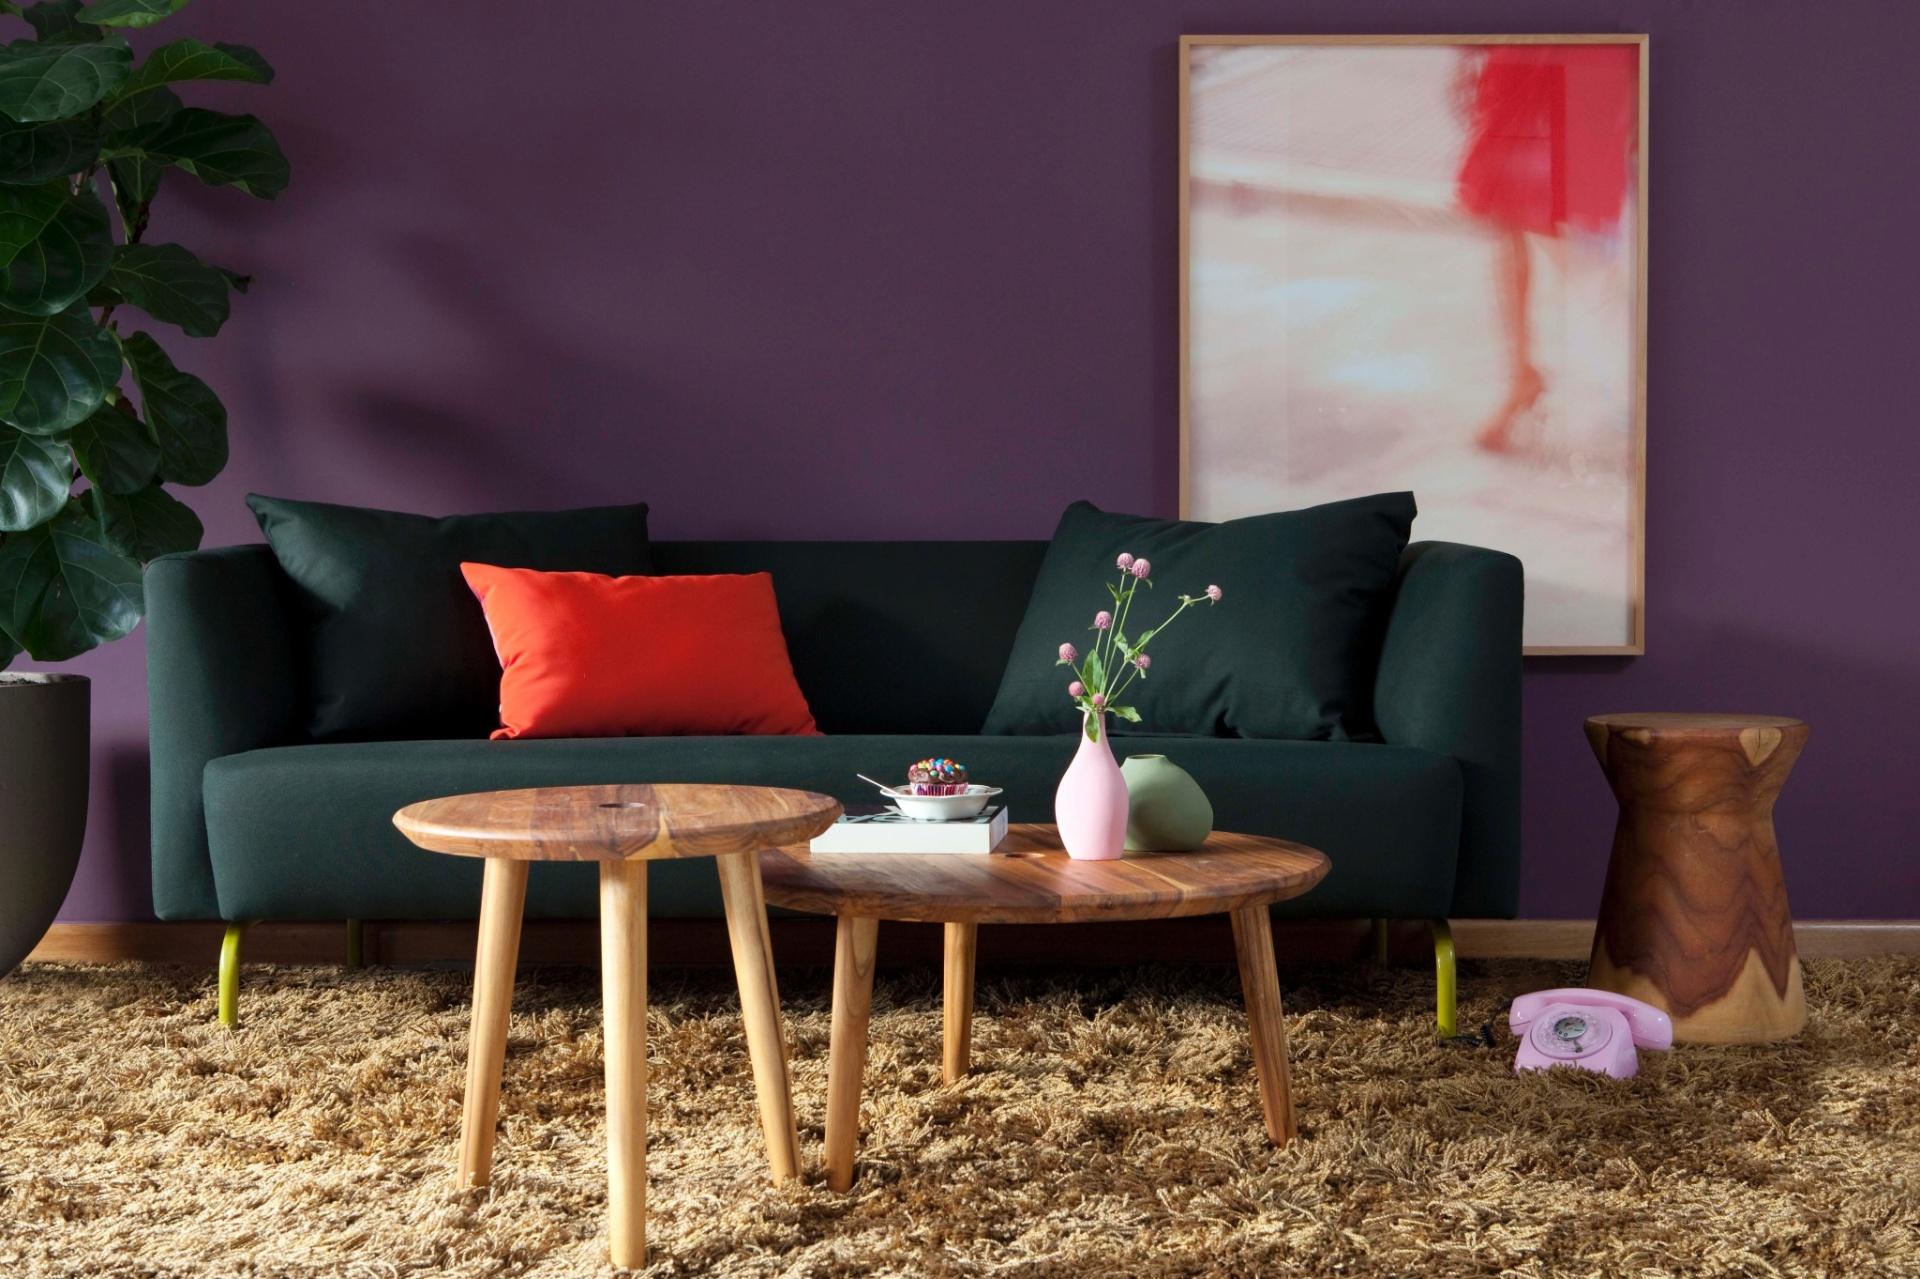 Para a decoração da sala, a arquiteta Yáskara  Idemori combinou a parede na cor Luxúria - R225 (Tinta Suvinil) com o sofá Flipper, assinado pelo designer Fernando Jaeger, revestido com tecido lona no tom verde escuro